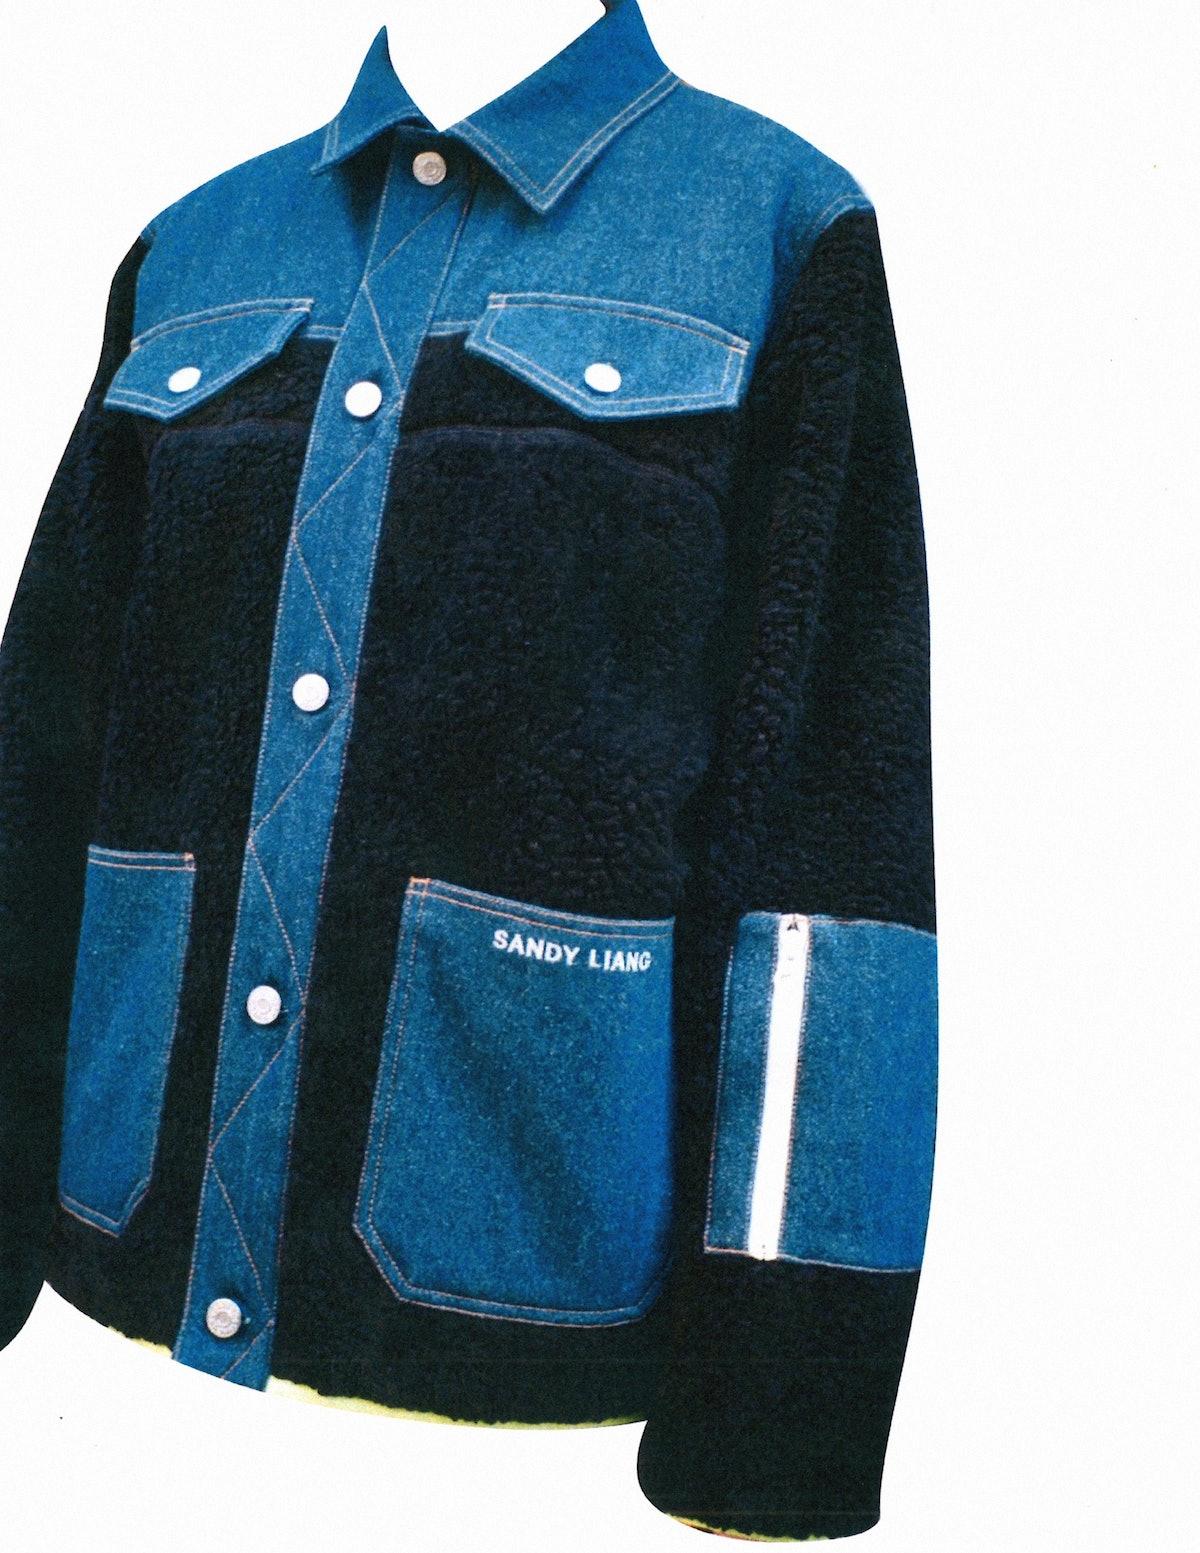 20_Sandy Liang Fleece Jacket .JPG